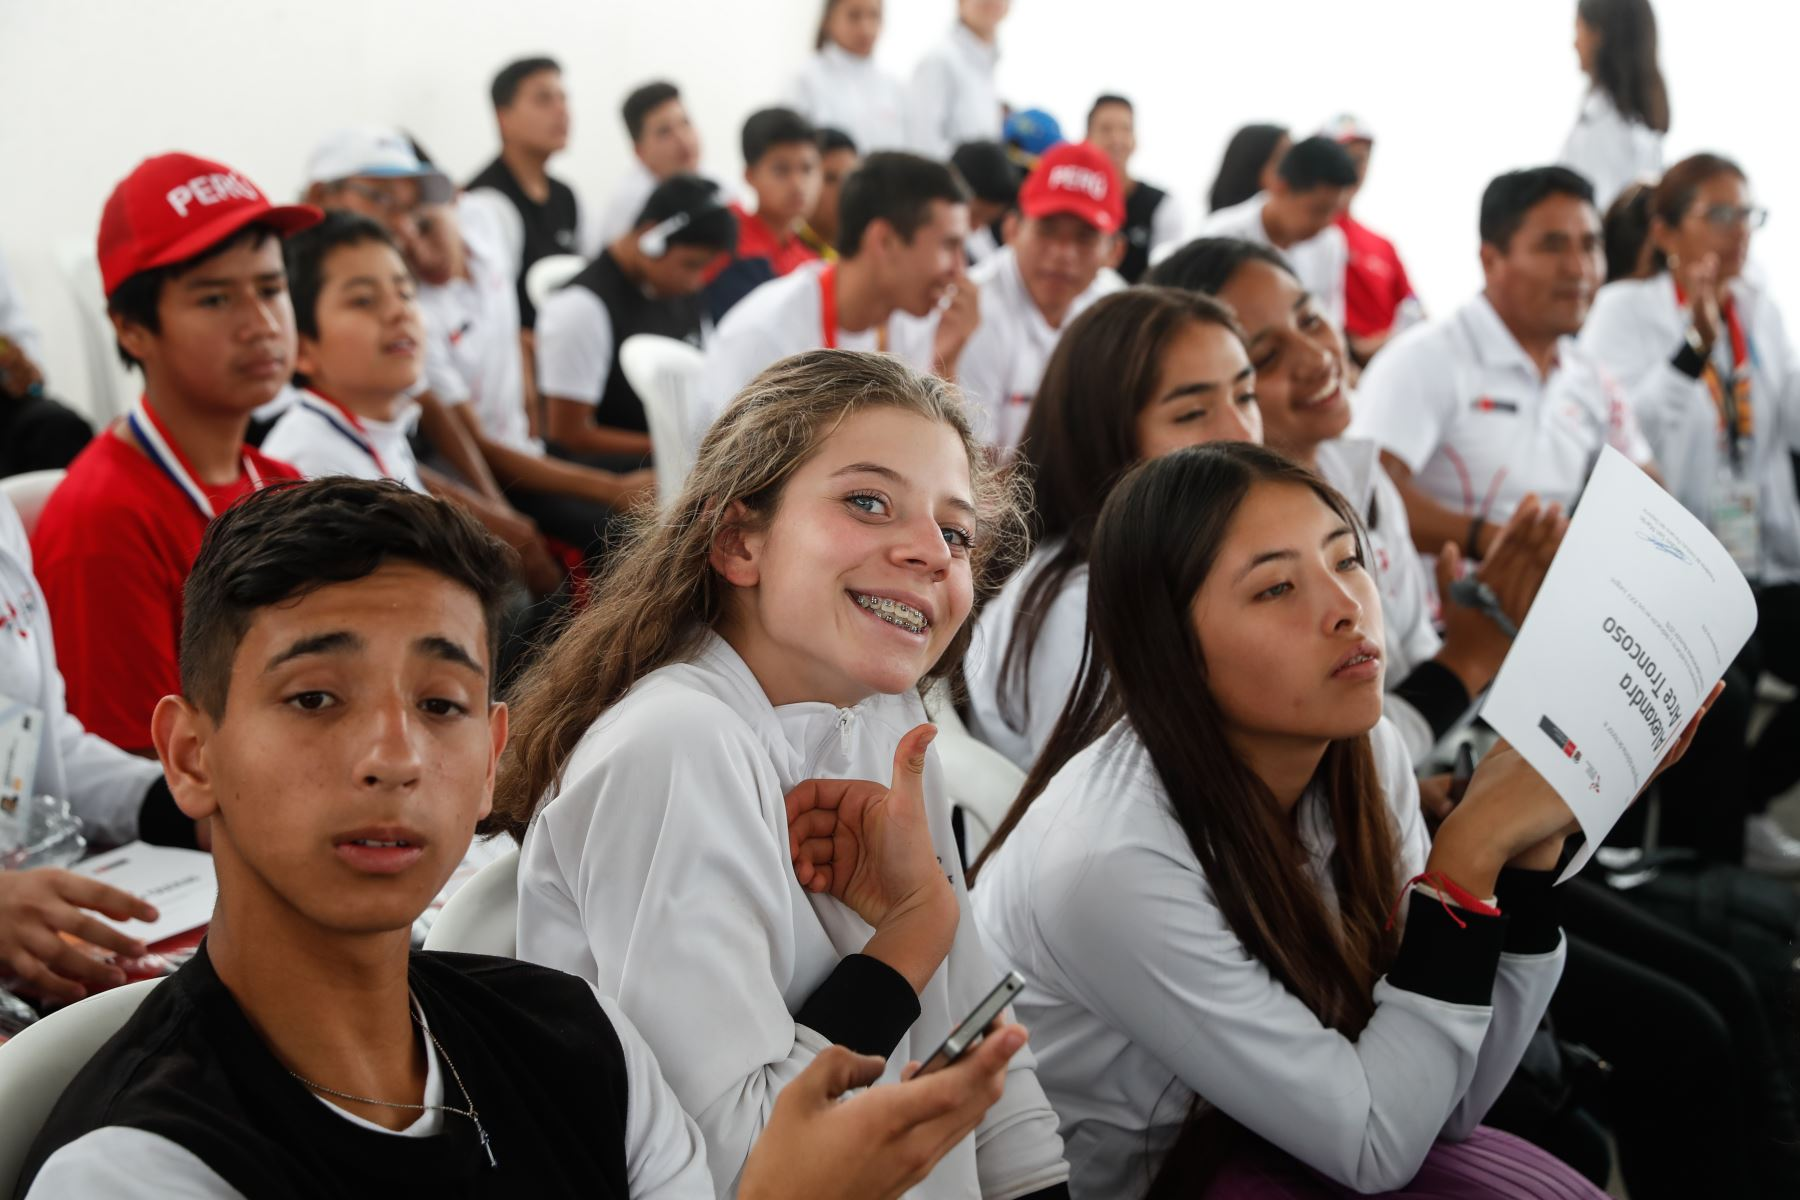 Ministerio de Educación, Brinda reconocimiento a delegación de  participantes de los Juegos Sudamericanos Escolares Asunción 2019. Foto: ANDINA/Renato Pajuelo